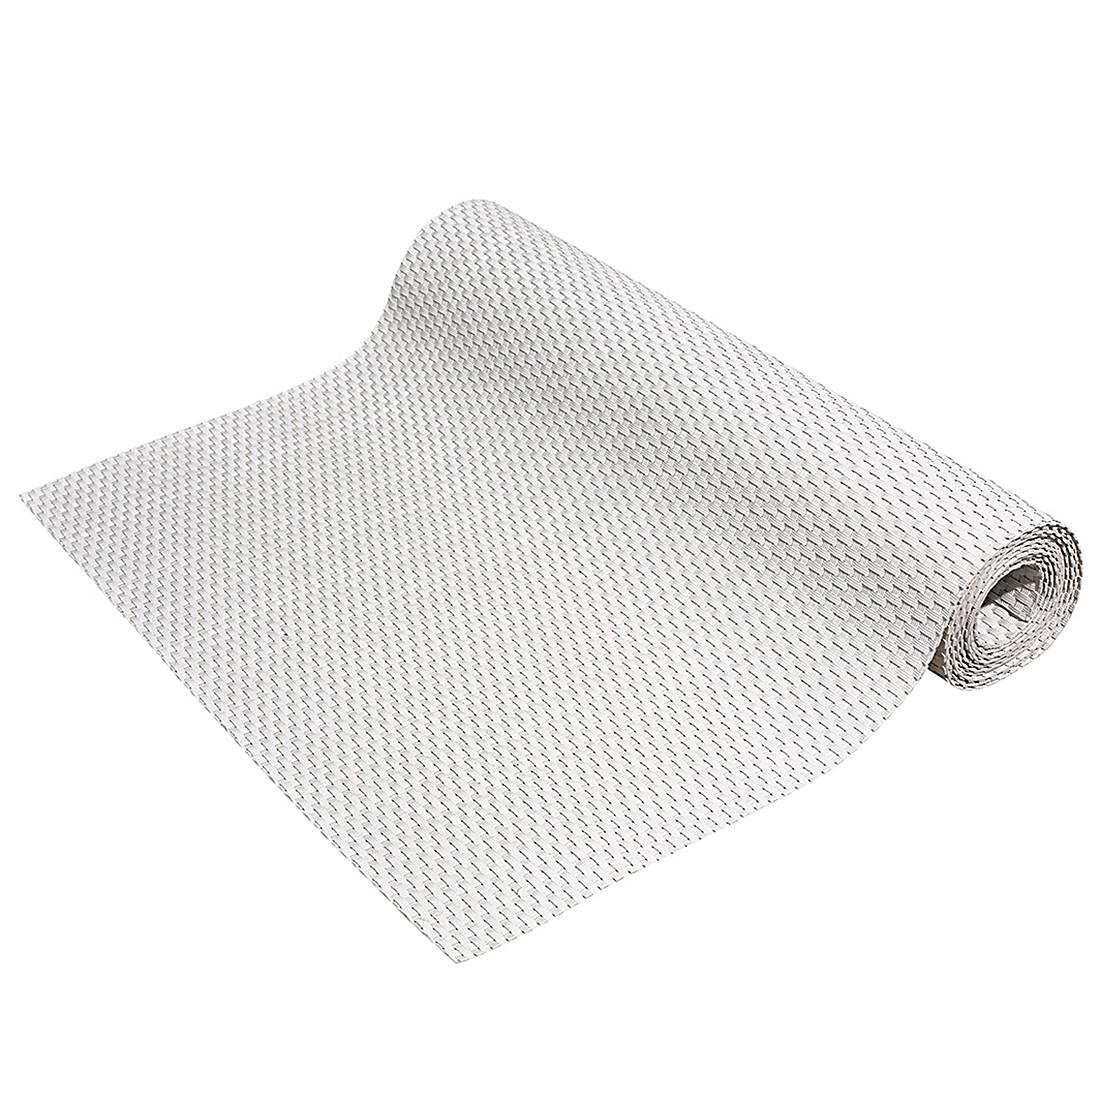 Sichtschutzmatte - 3 x 0,9 m - Polyrattan - Weiß, Gartenfreude